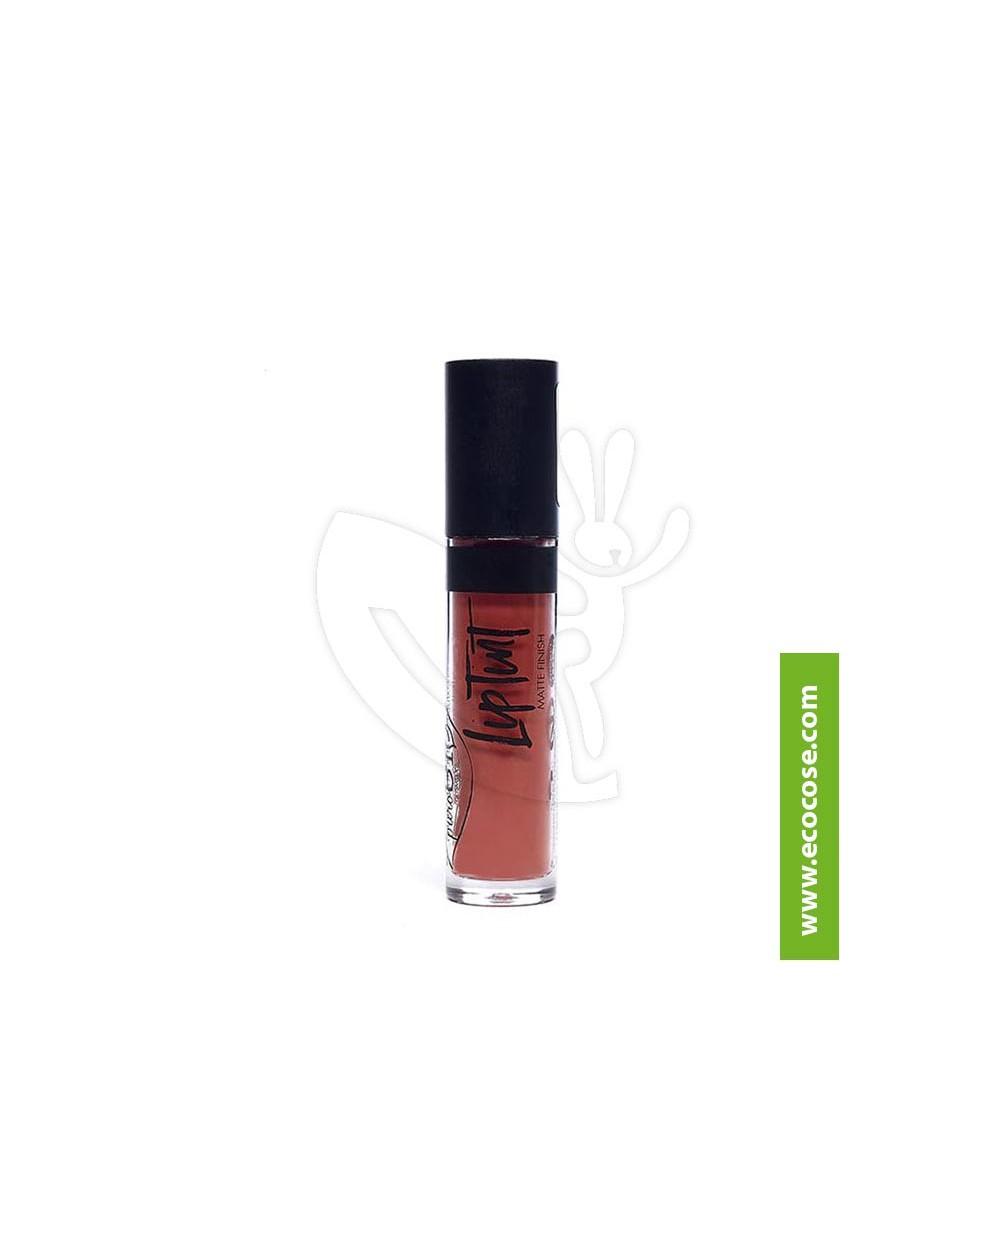 PuroBIO Cosmetics - LipTint 04 - Lampone scuro